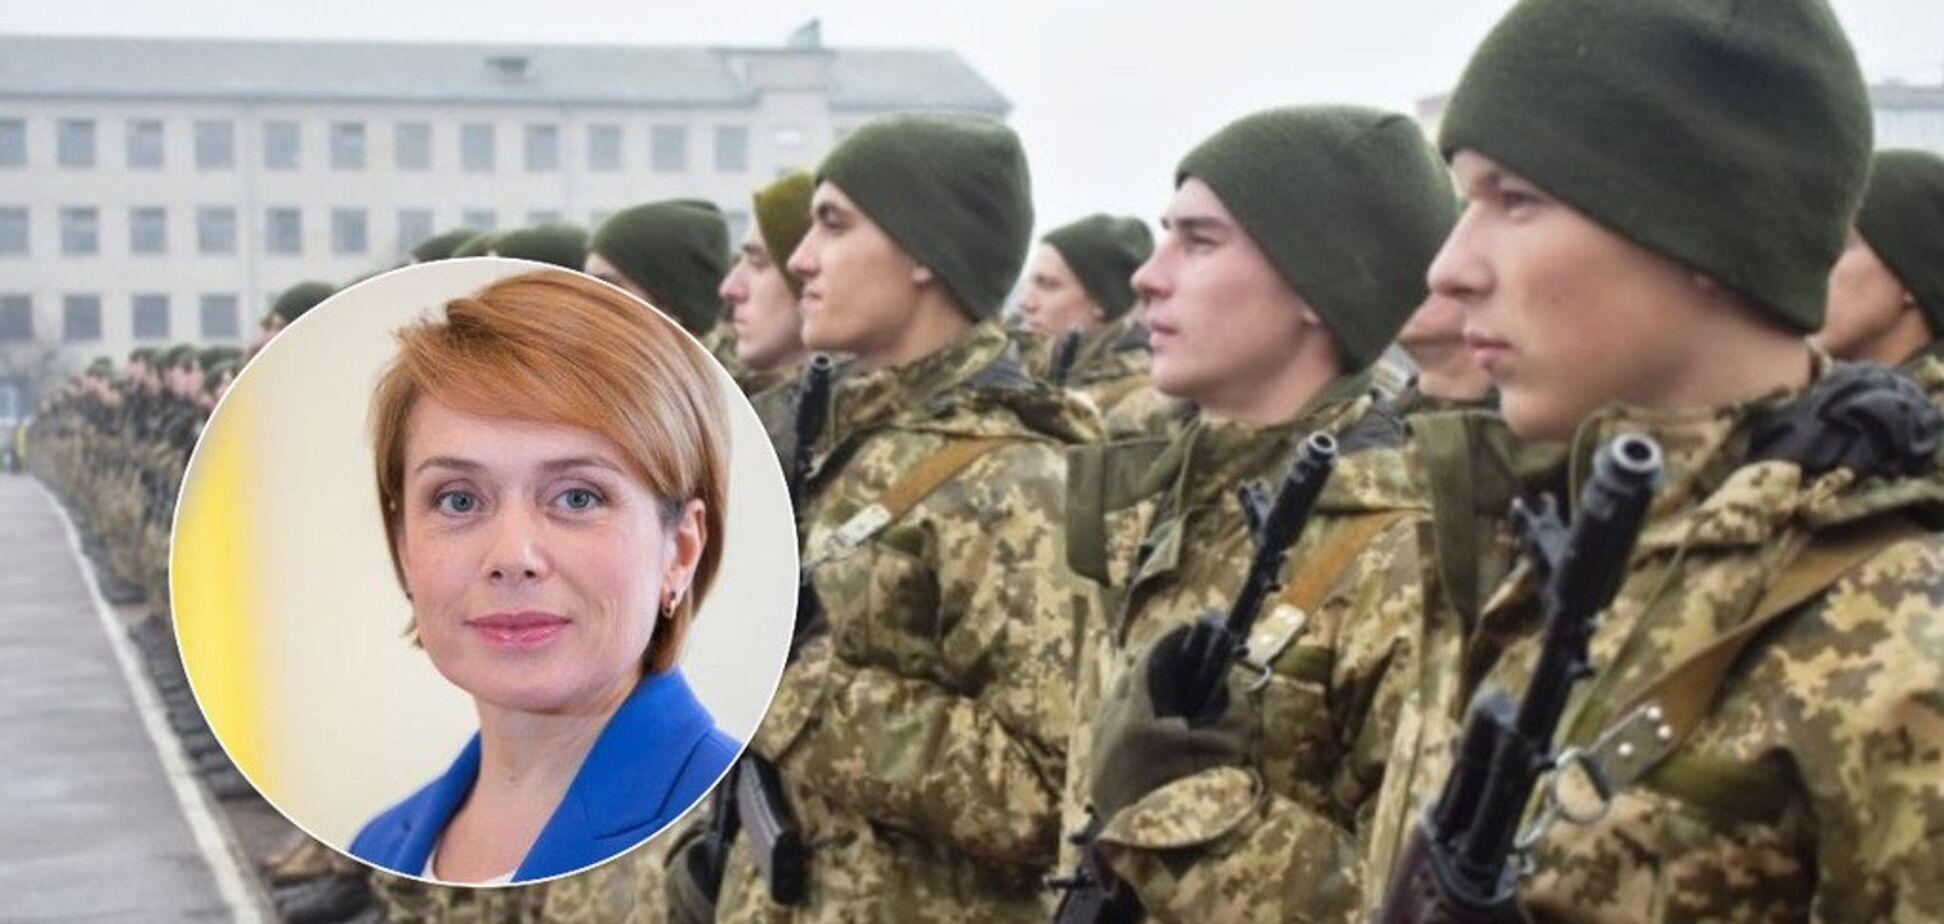 'Украинская школа воспитывает дезертиров!' В сети разгорелся громкий скандал вокруг Гриневич